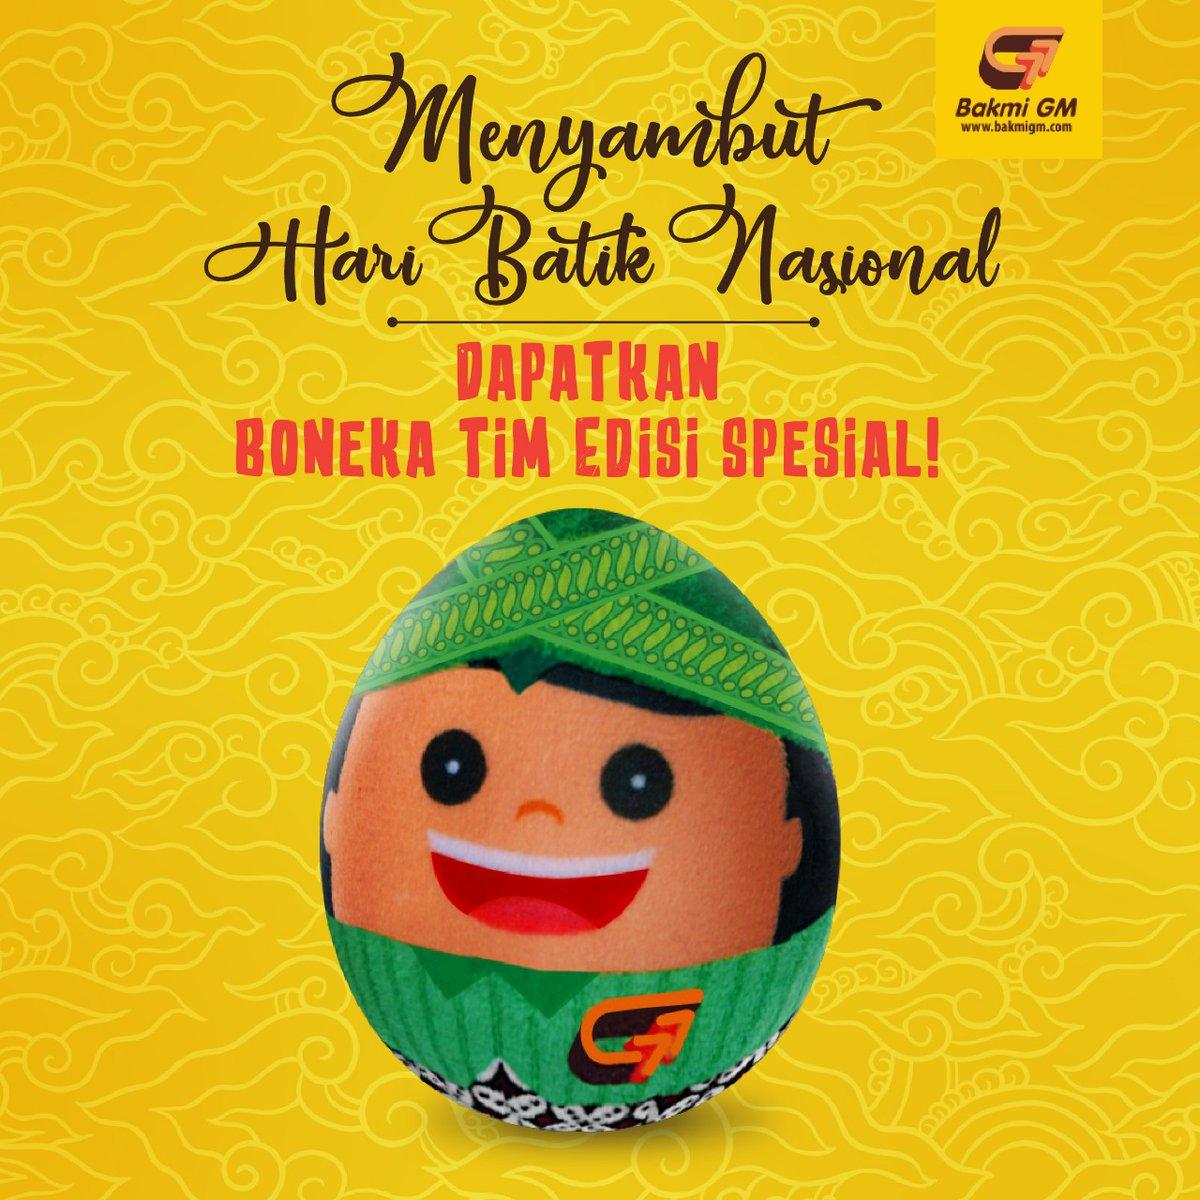 Bakmi GM - Promo Boneka Tim Edisi Batik di Hari Batik Nasional ( 7 Okt 2018)